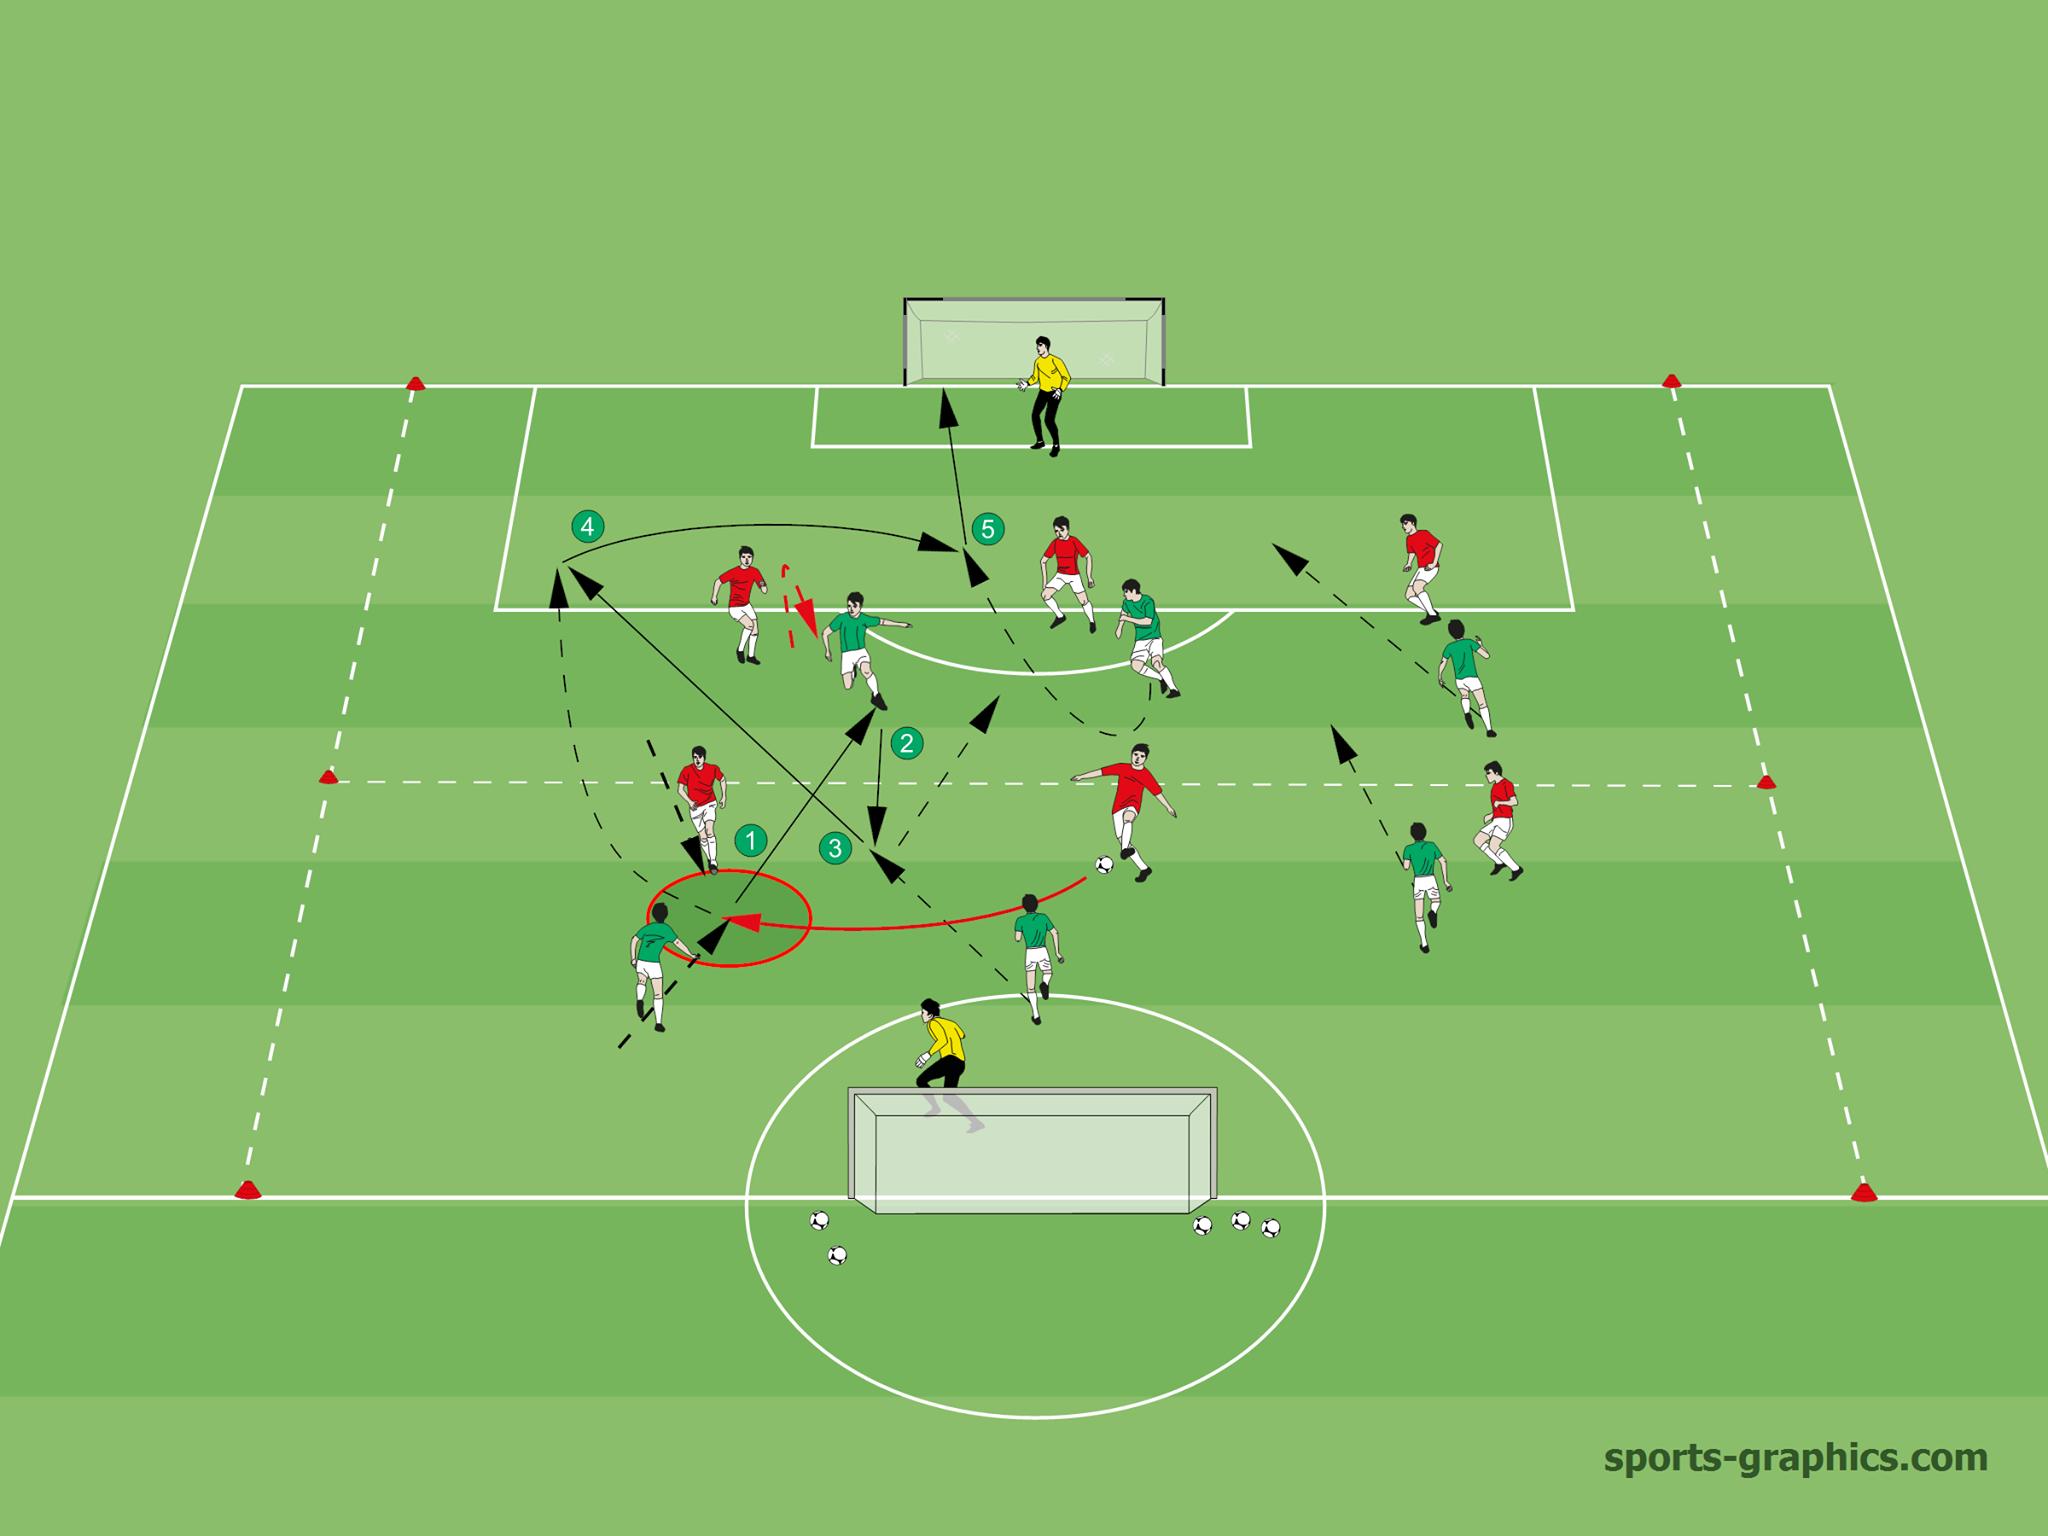 Schnelles Umschalten Und Konter Spielform Fussball